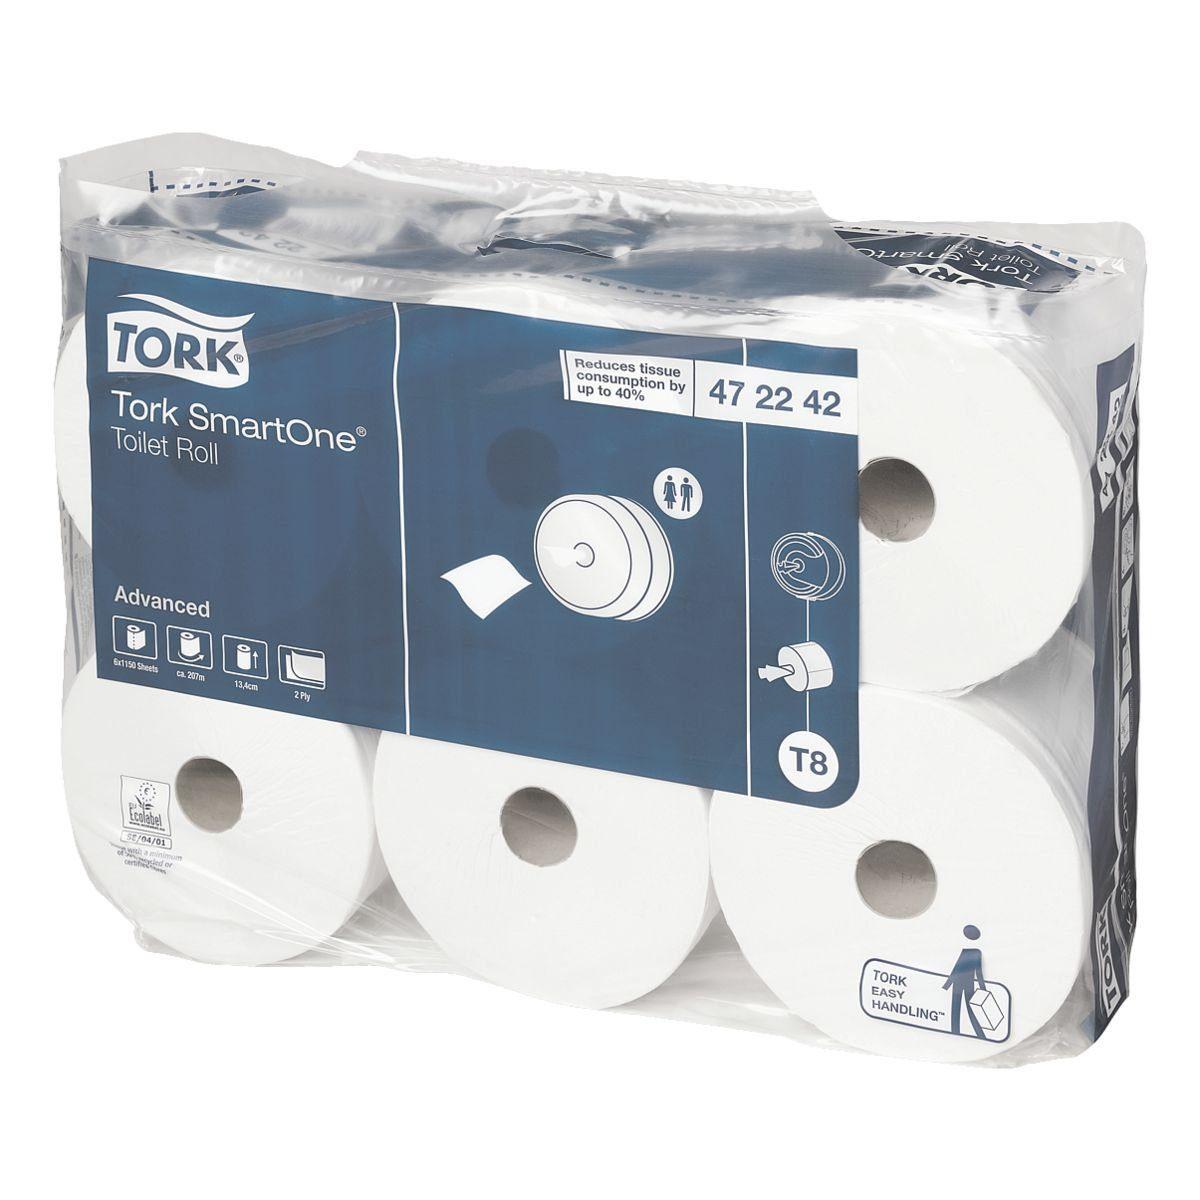 TORK Toilettenpapier T8 System 2-lagig - 6 Rollen »SmartOne®«